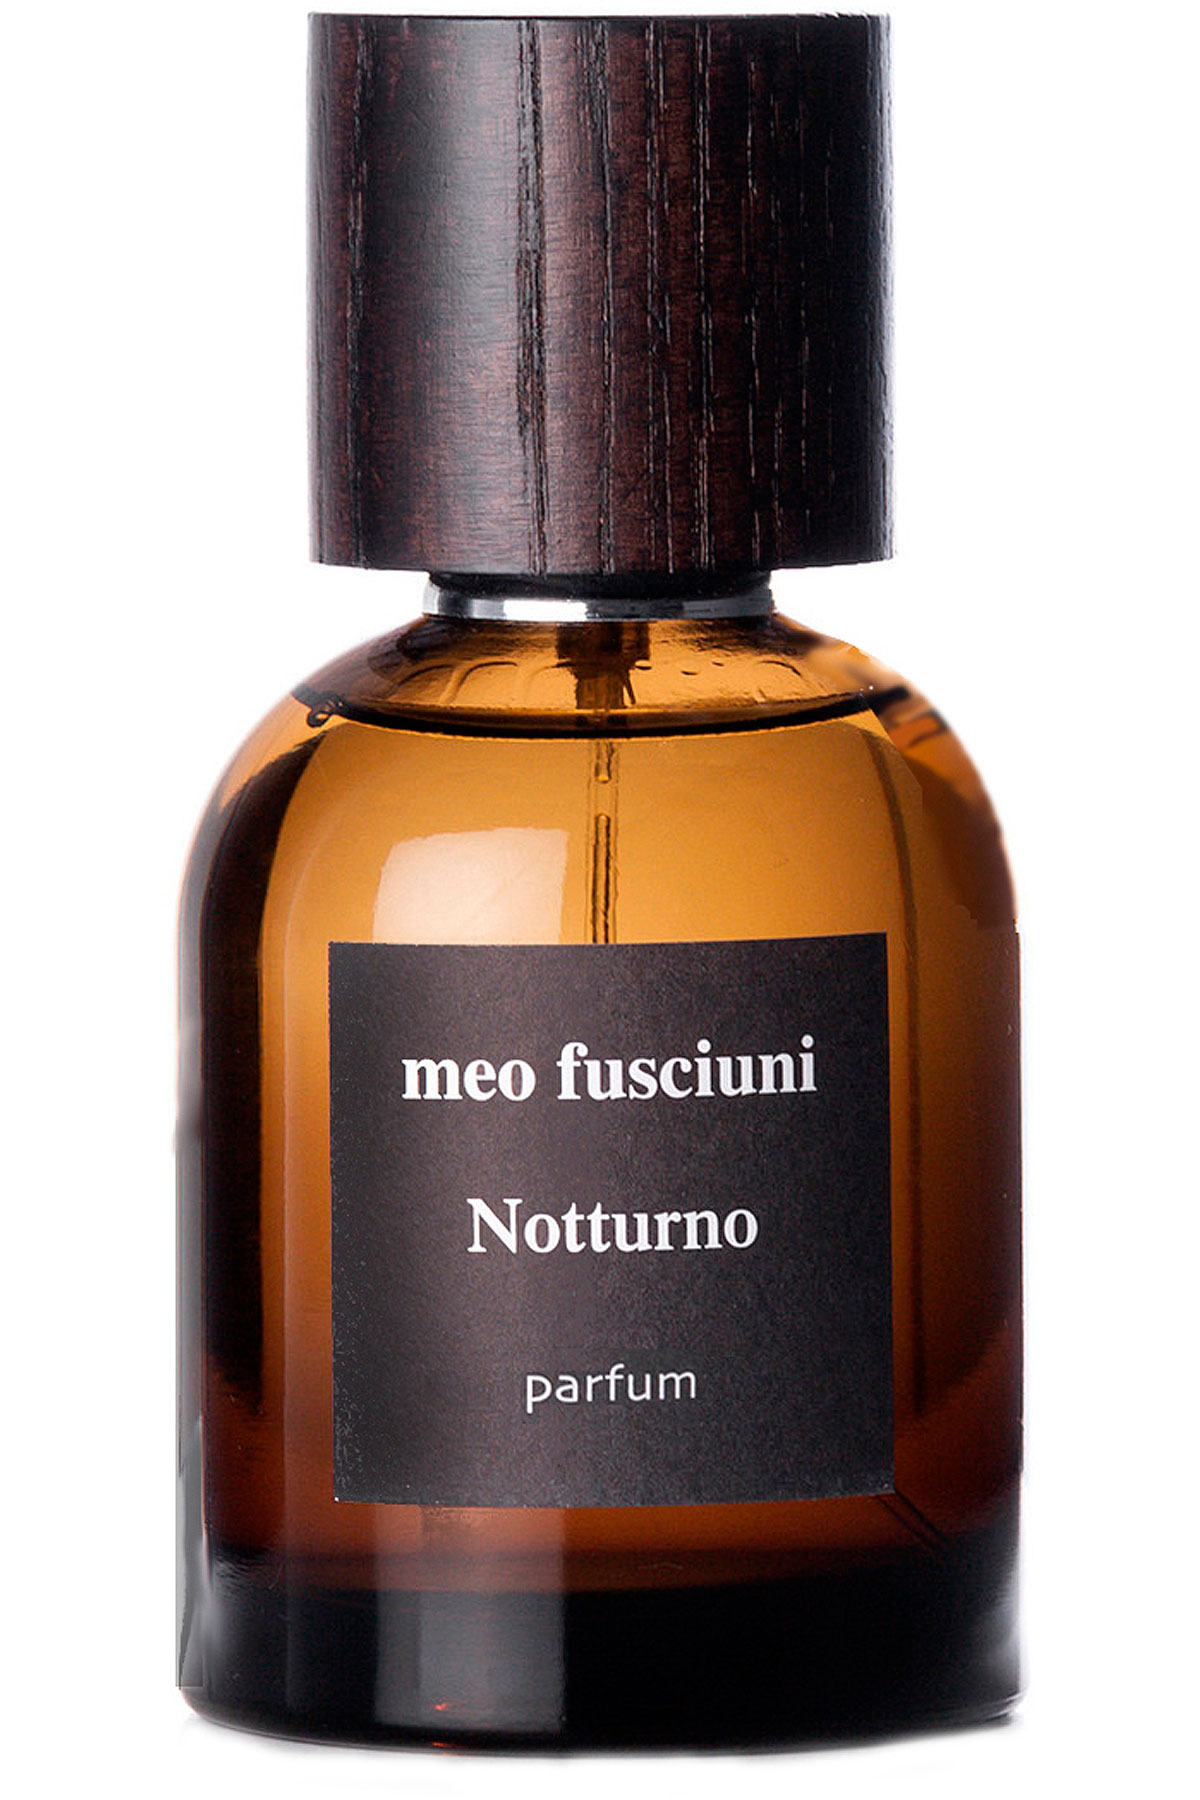 Meo Fusciuni Fragrances for Women, Notturno - Eau De Parfum - 100 Ml, 2019, 100 ml